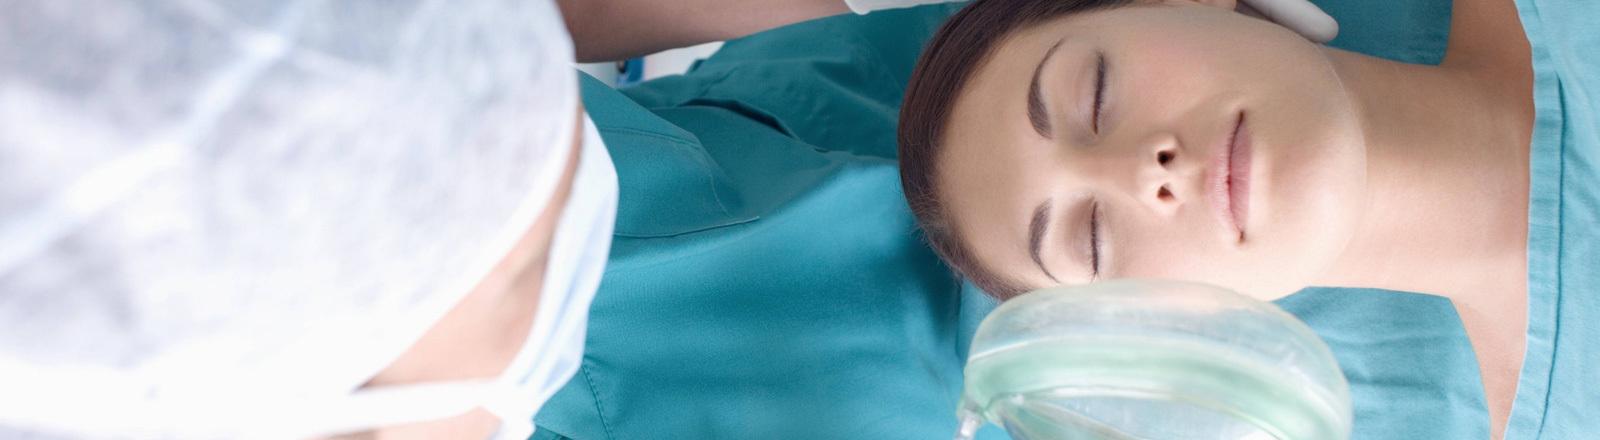 Ein Anästhesist betäubt Patientin.